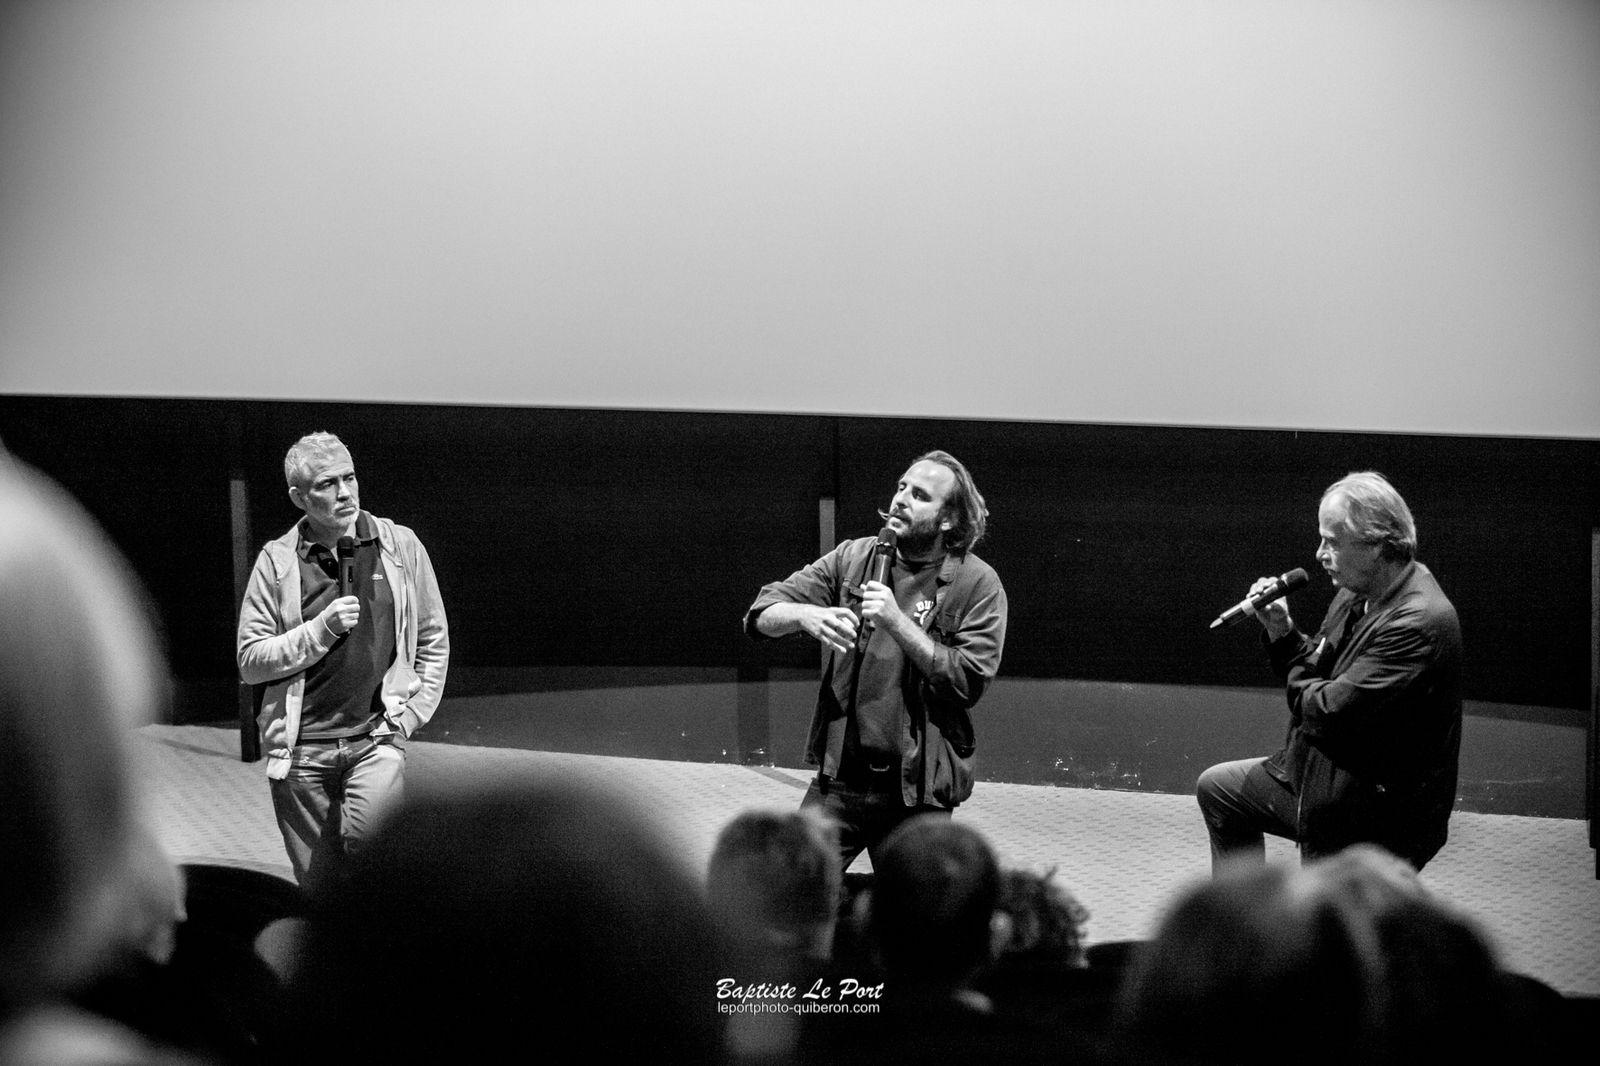 18 septembre - Week end coup de coeur au Paradis avec Stephane Brizé, jean Pierre Lavoignat, Vincent Macaigne et Emmanuel Mouret